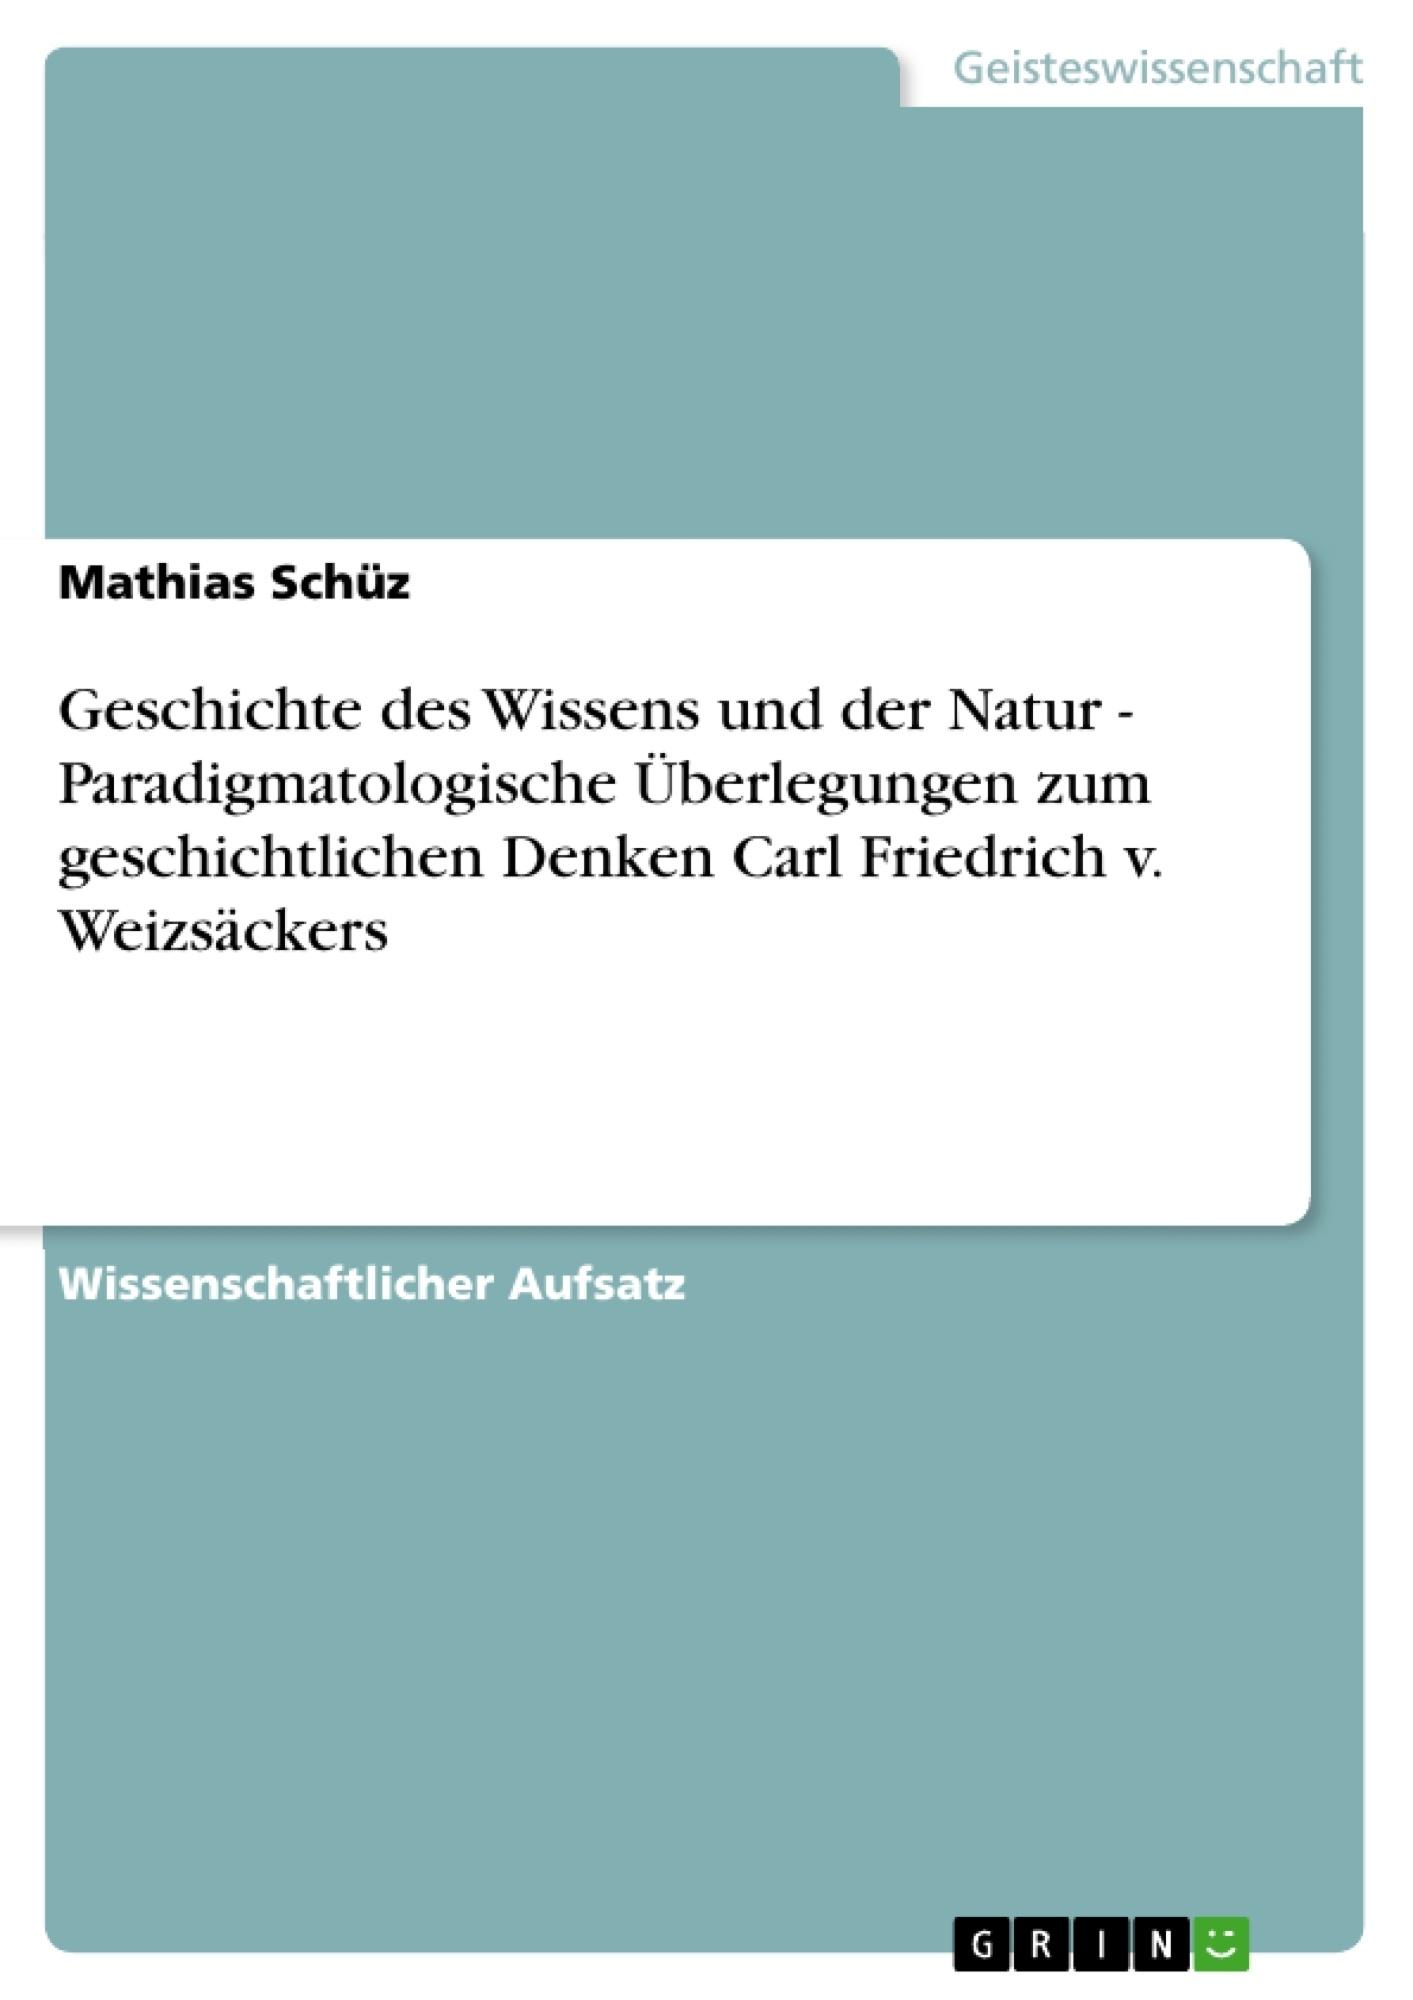 Titel: Geschichte des Wissens und der Natur - Paradigmatologische Überlegungen zum geschichtlichen Denken Carl Friedrich v. Weizsäckers